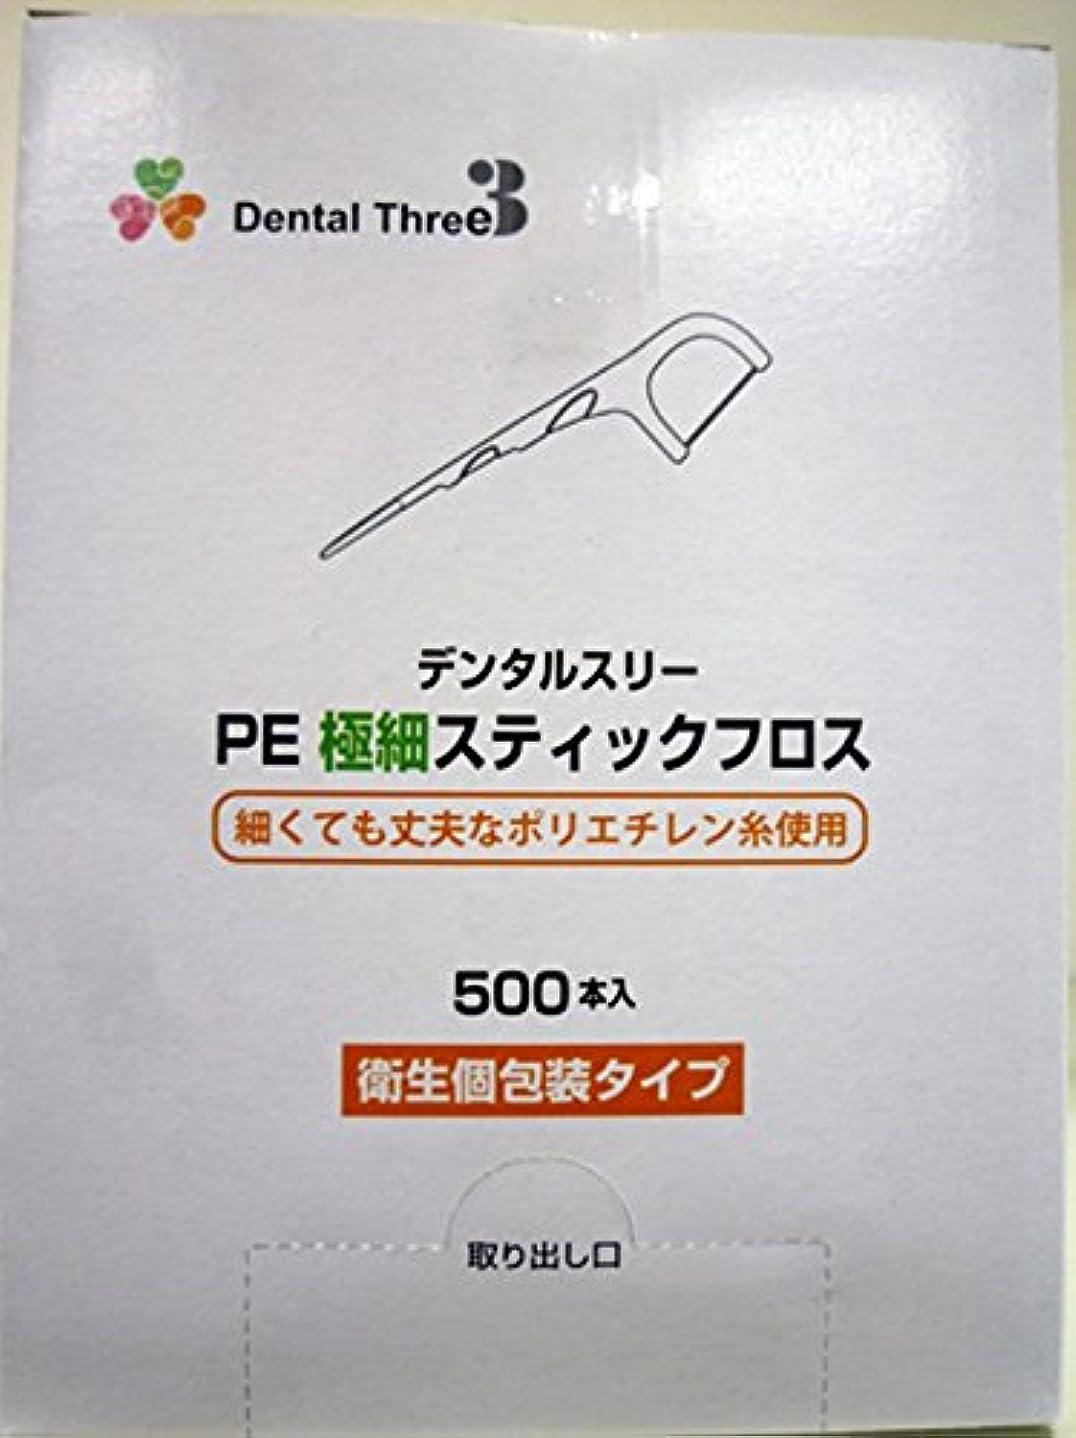 方法論余剰スイス人デンタルスリー PE極細スティックフロス 500本入